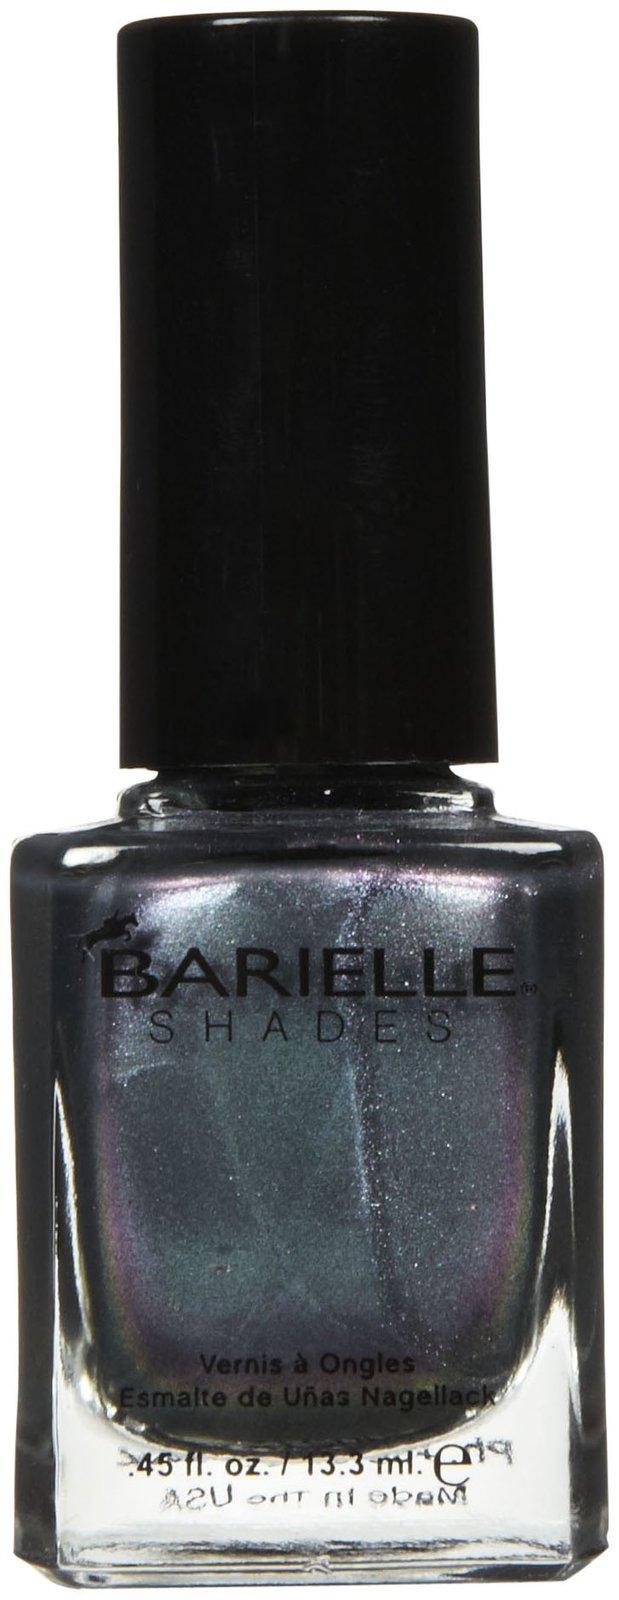 Barielle Shade - Wanna Samba?